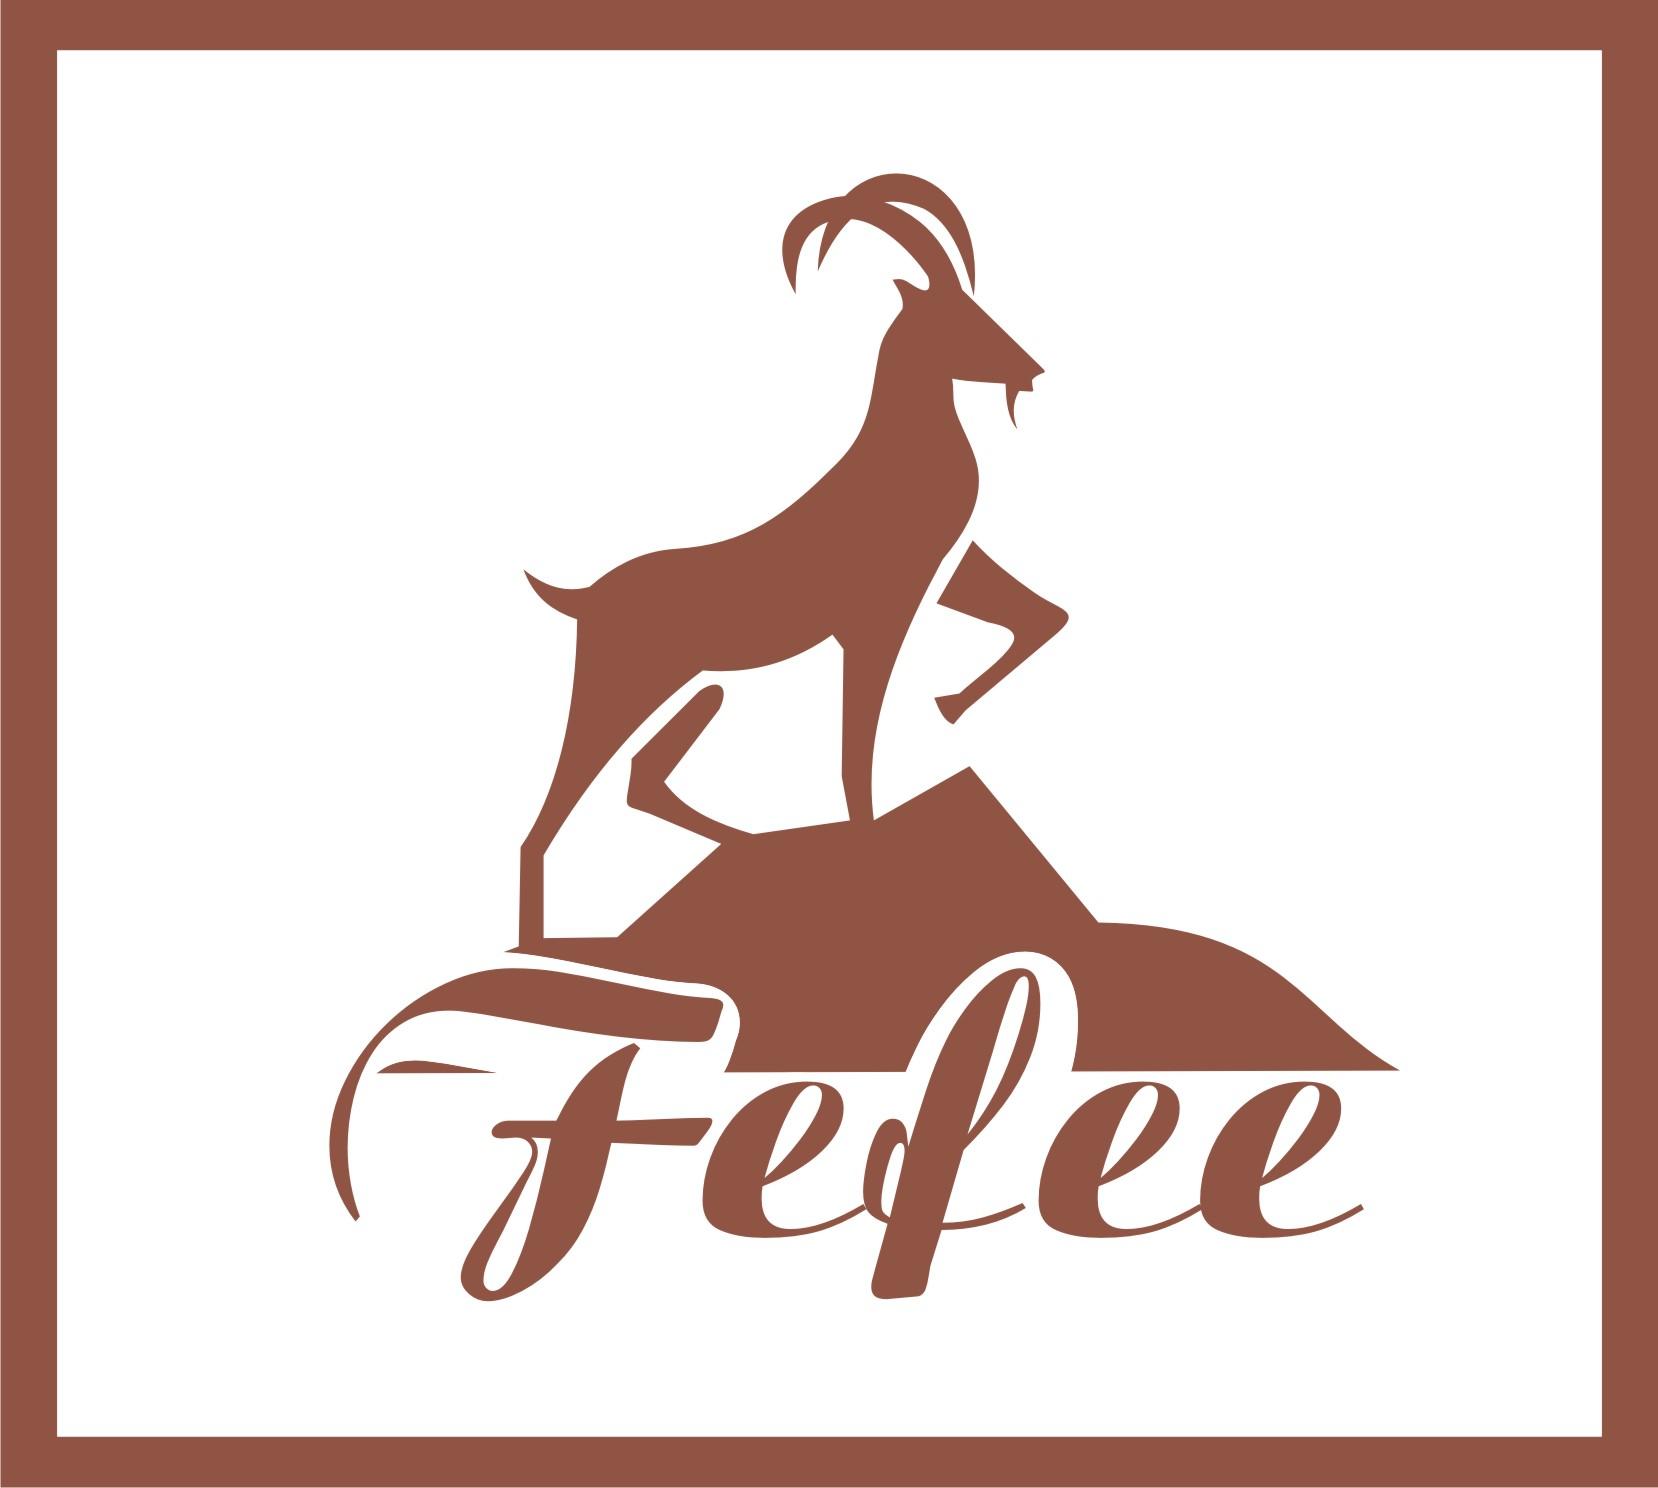 Fefee Vietnamese Kitchen Lieferdienst Logo